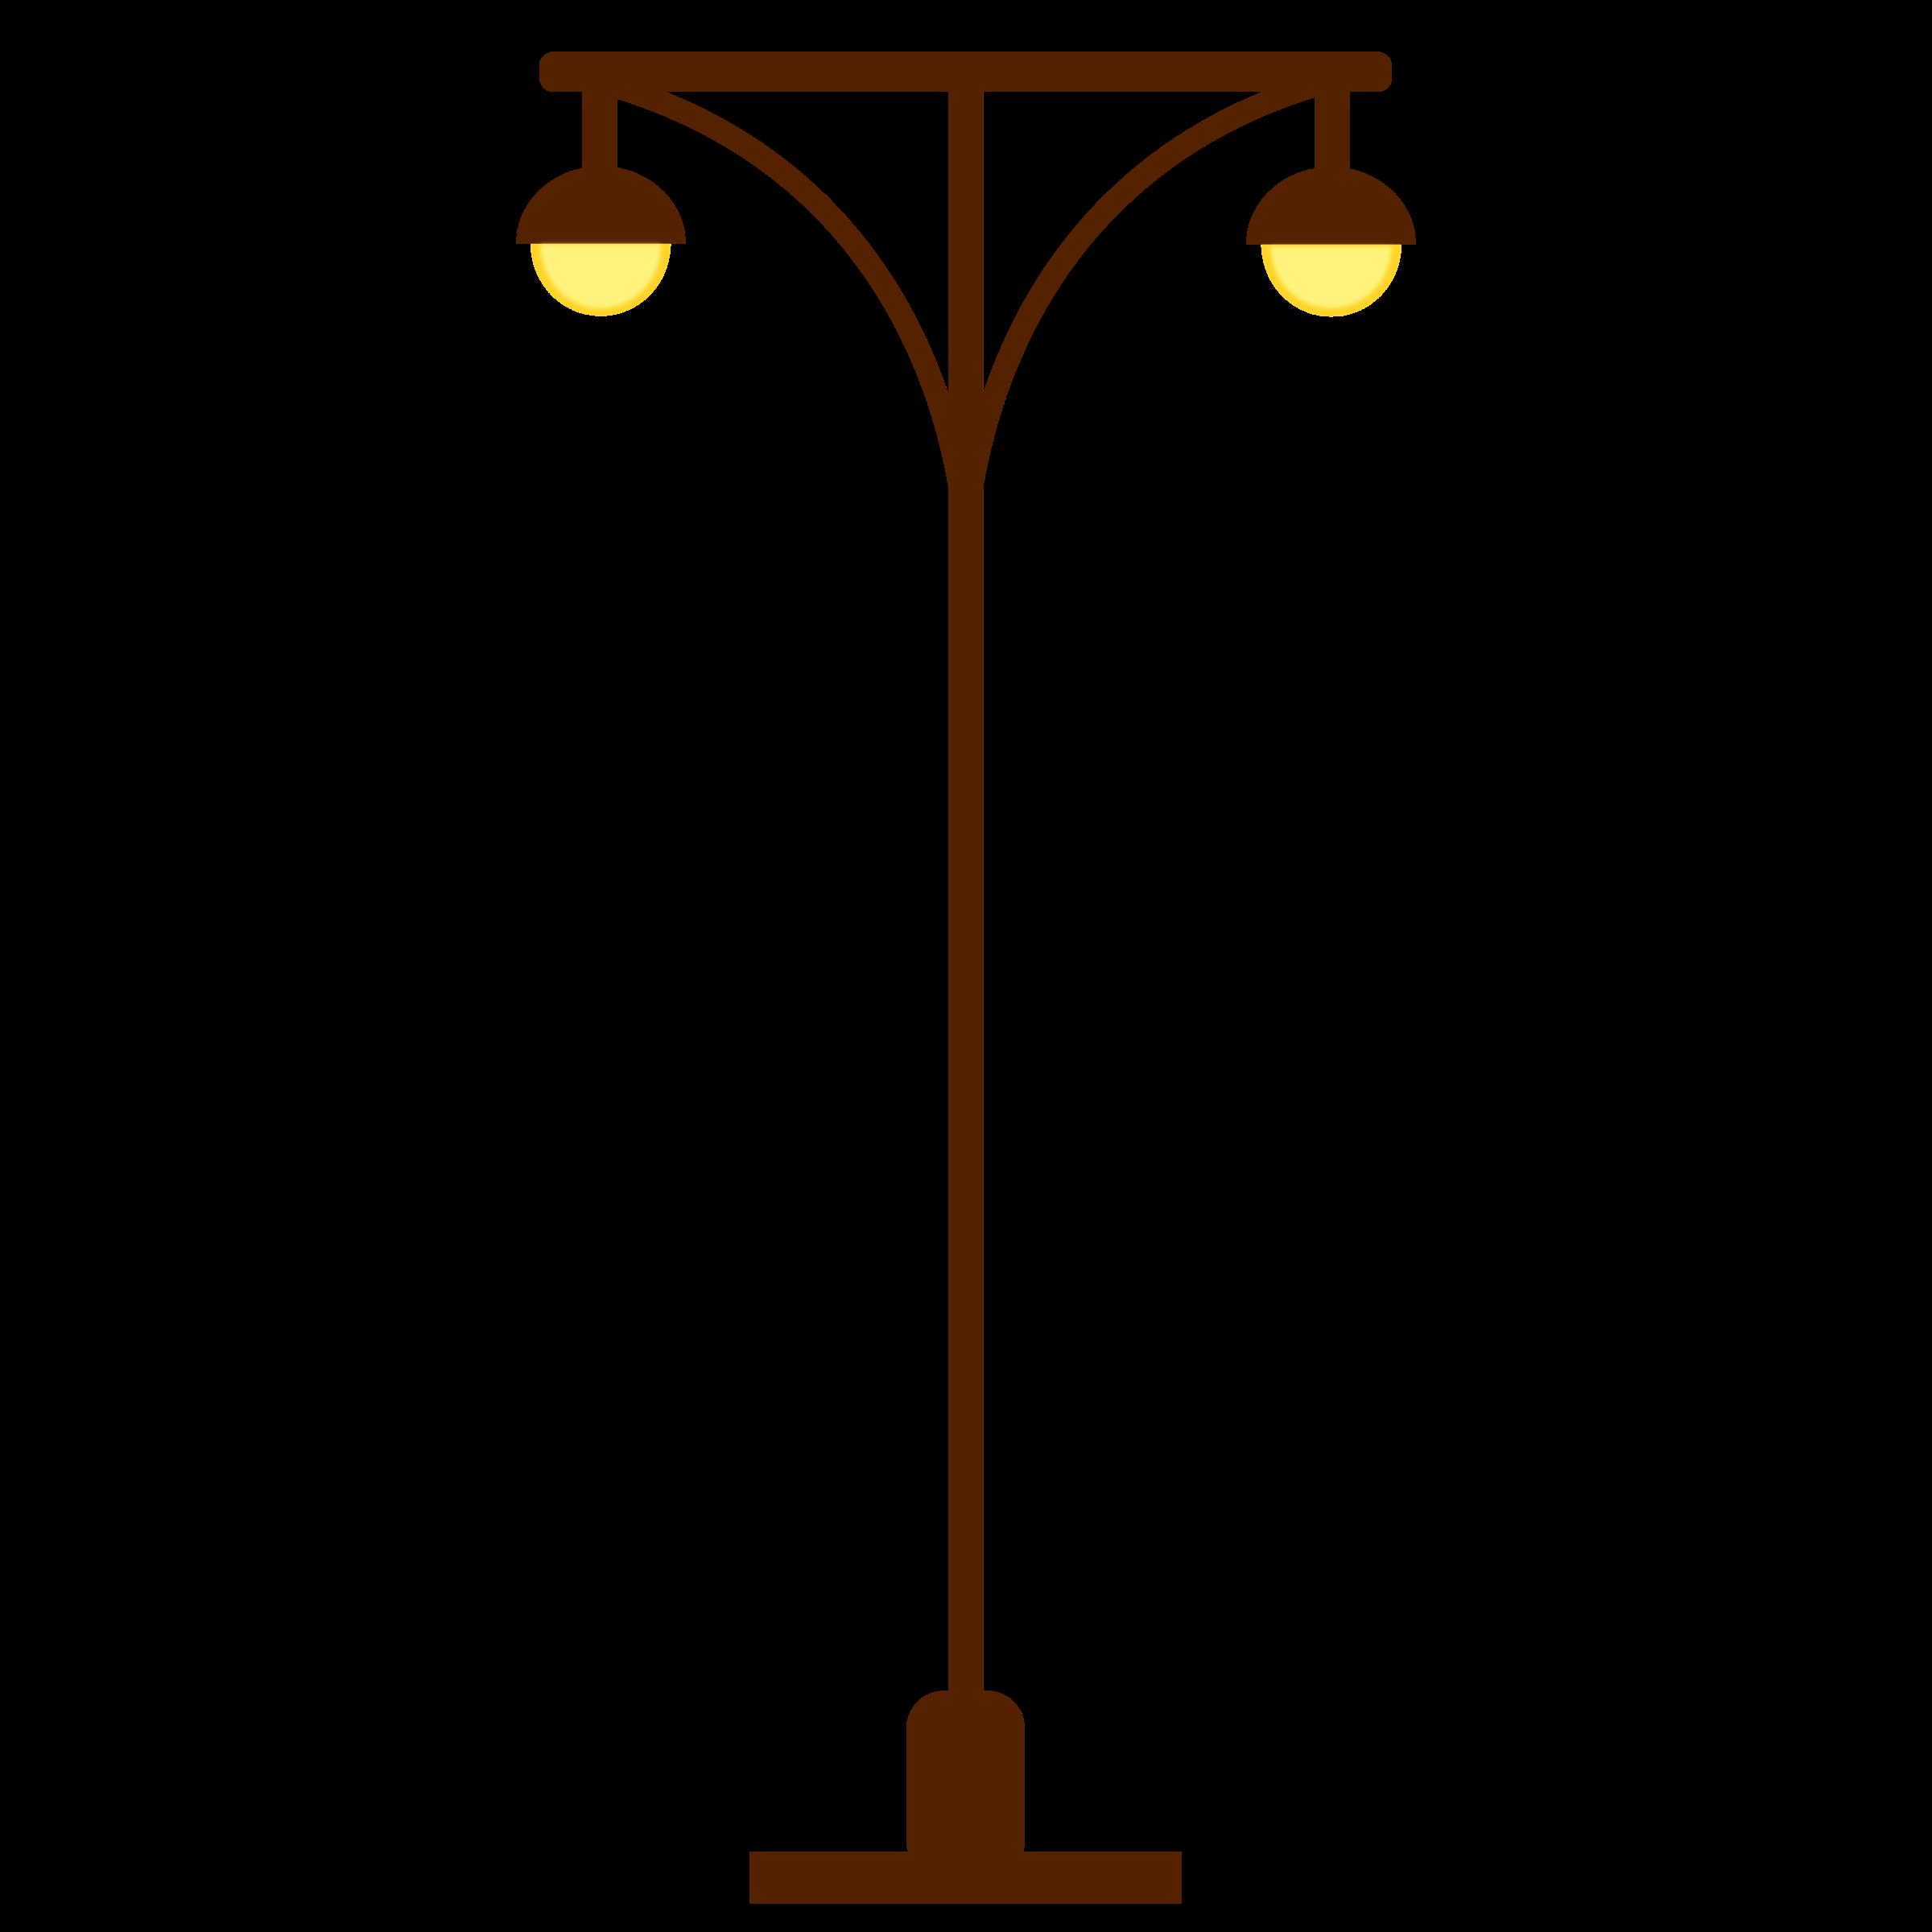 BIG IMAGE (PNG) - PNG Lamp Post